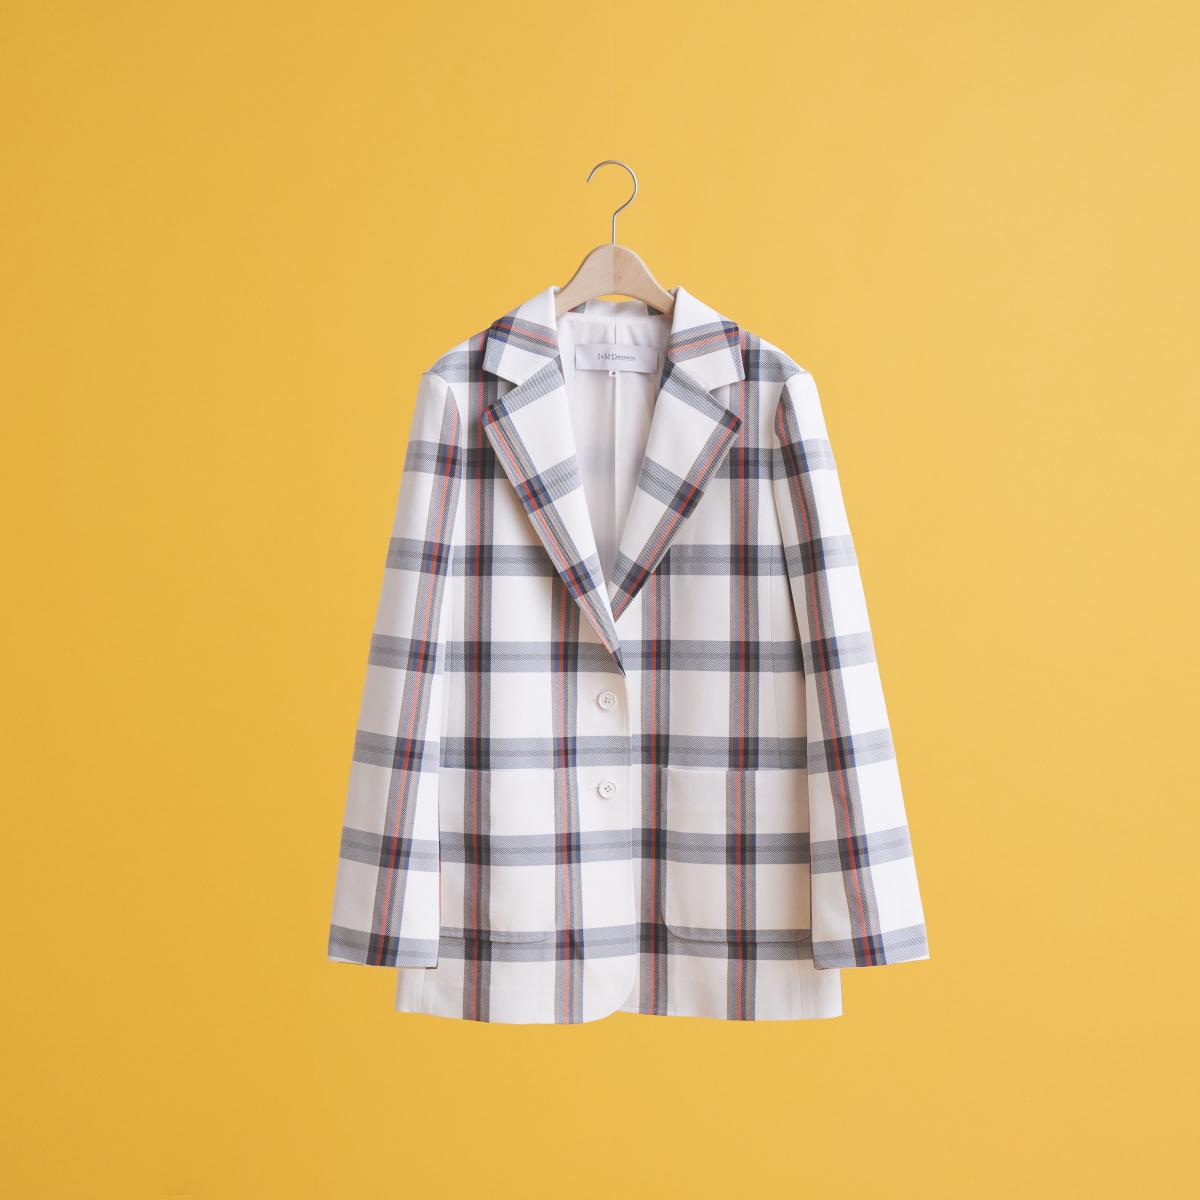 【J&M デヴィッドソン】環境にも優しいテーラードジャケット